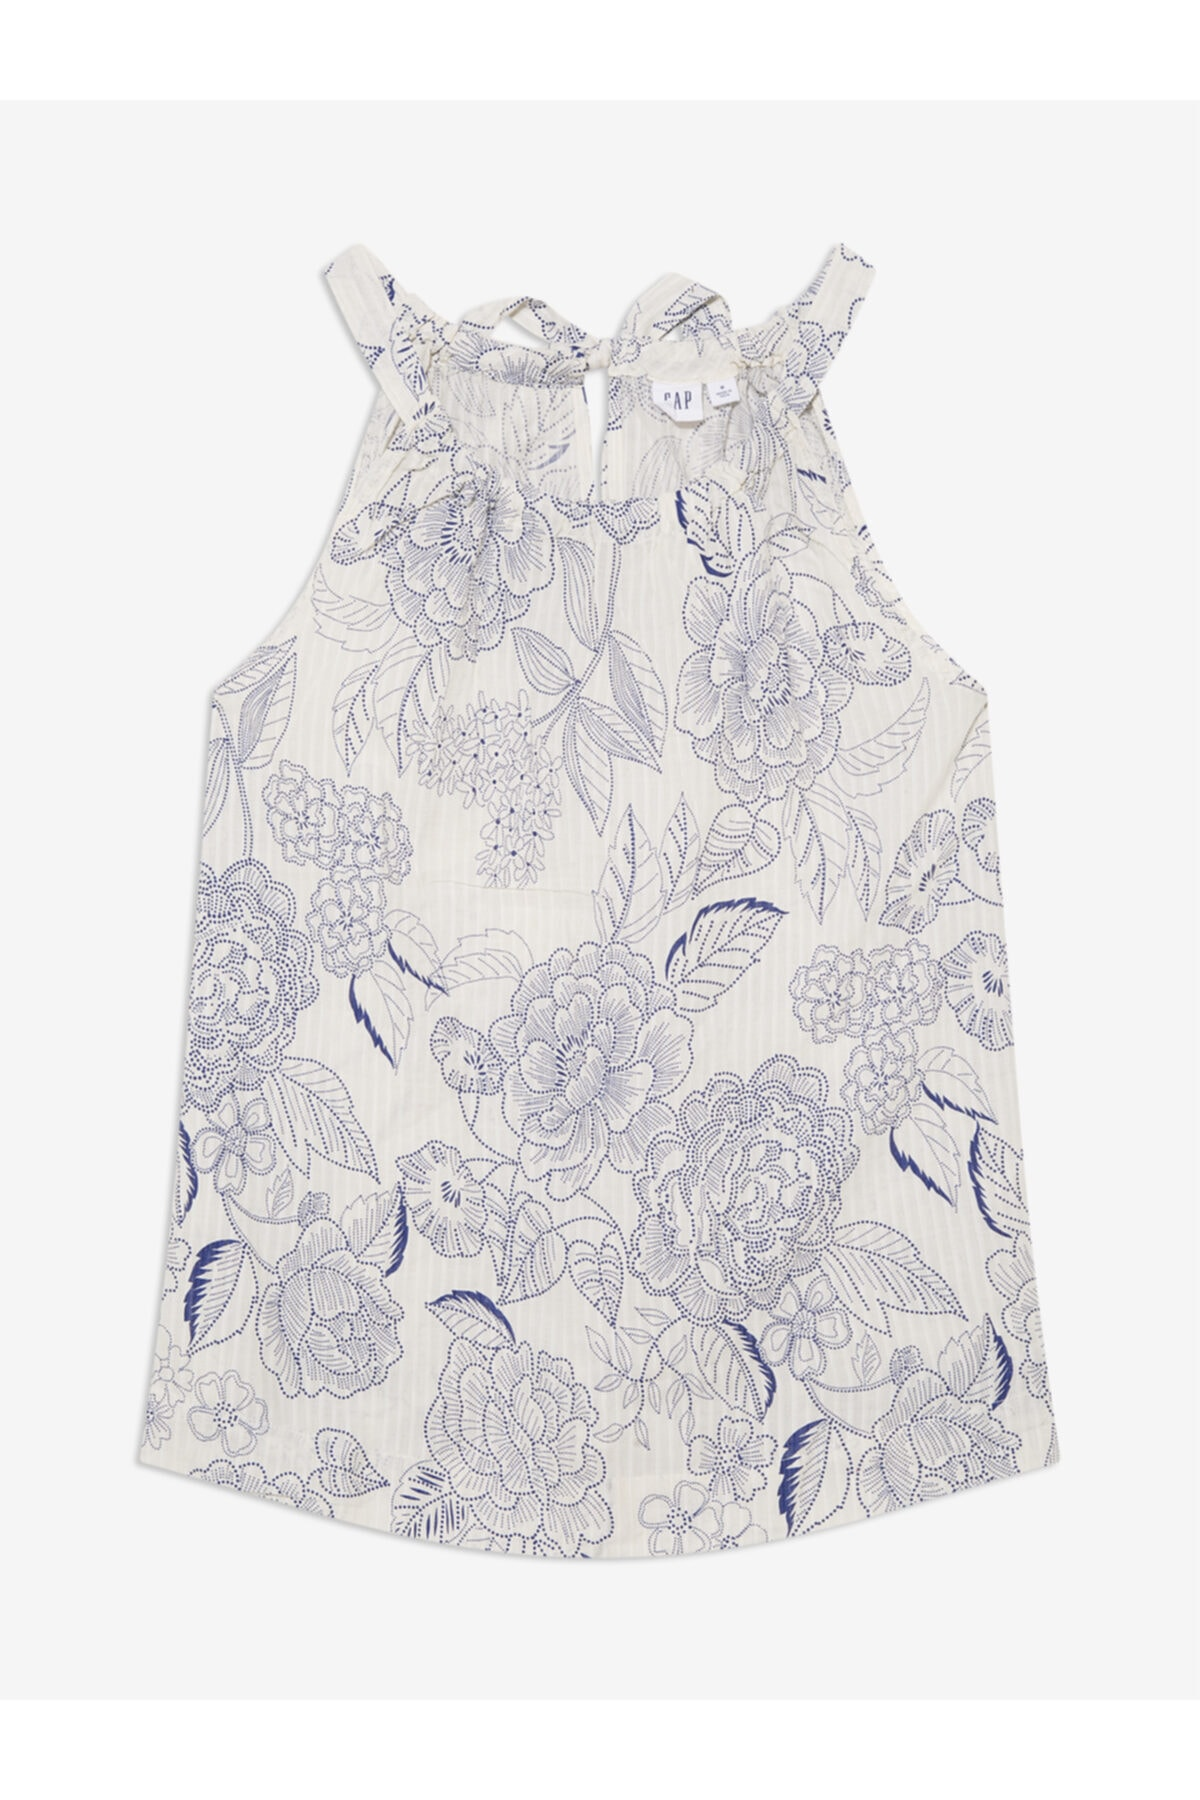 GAP Kadın Beyaz Desenli Kolsuz Bluz 1